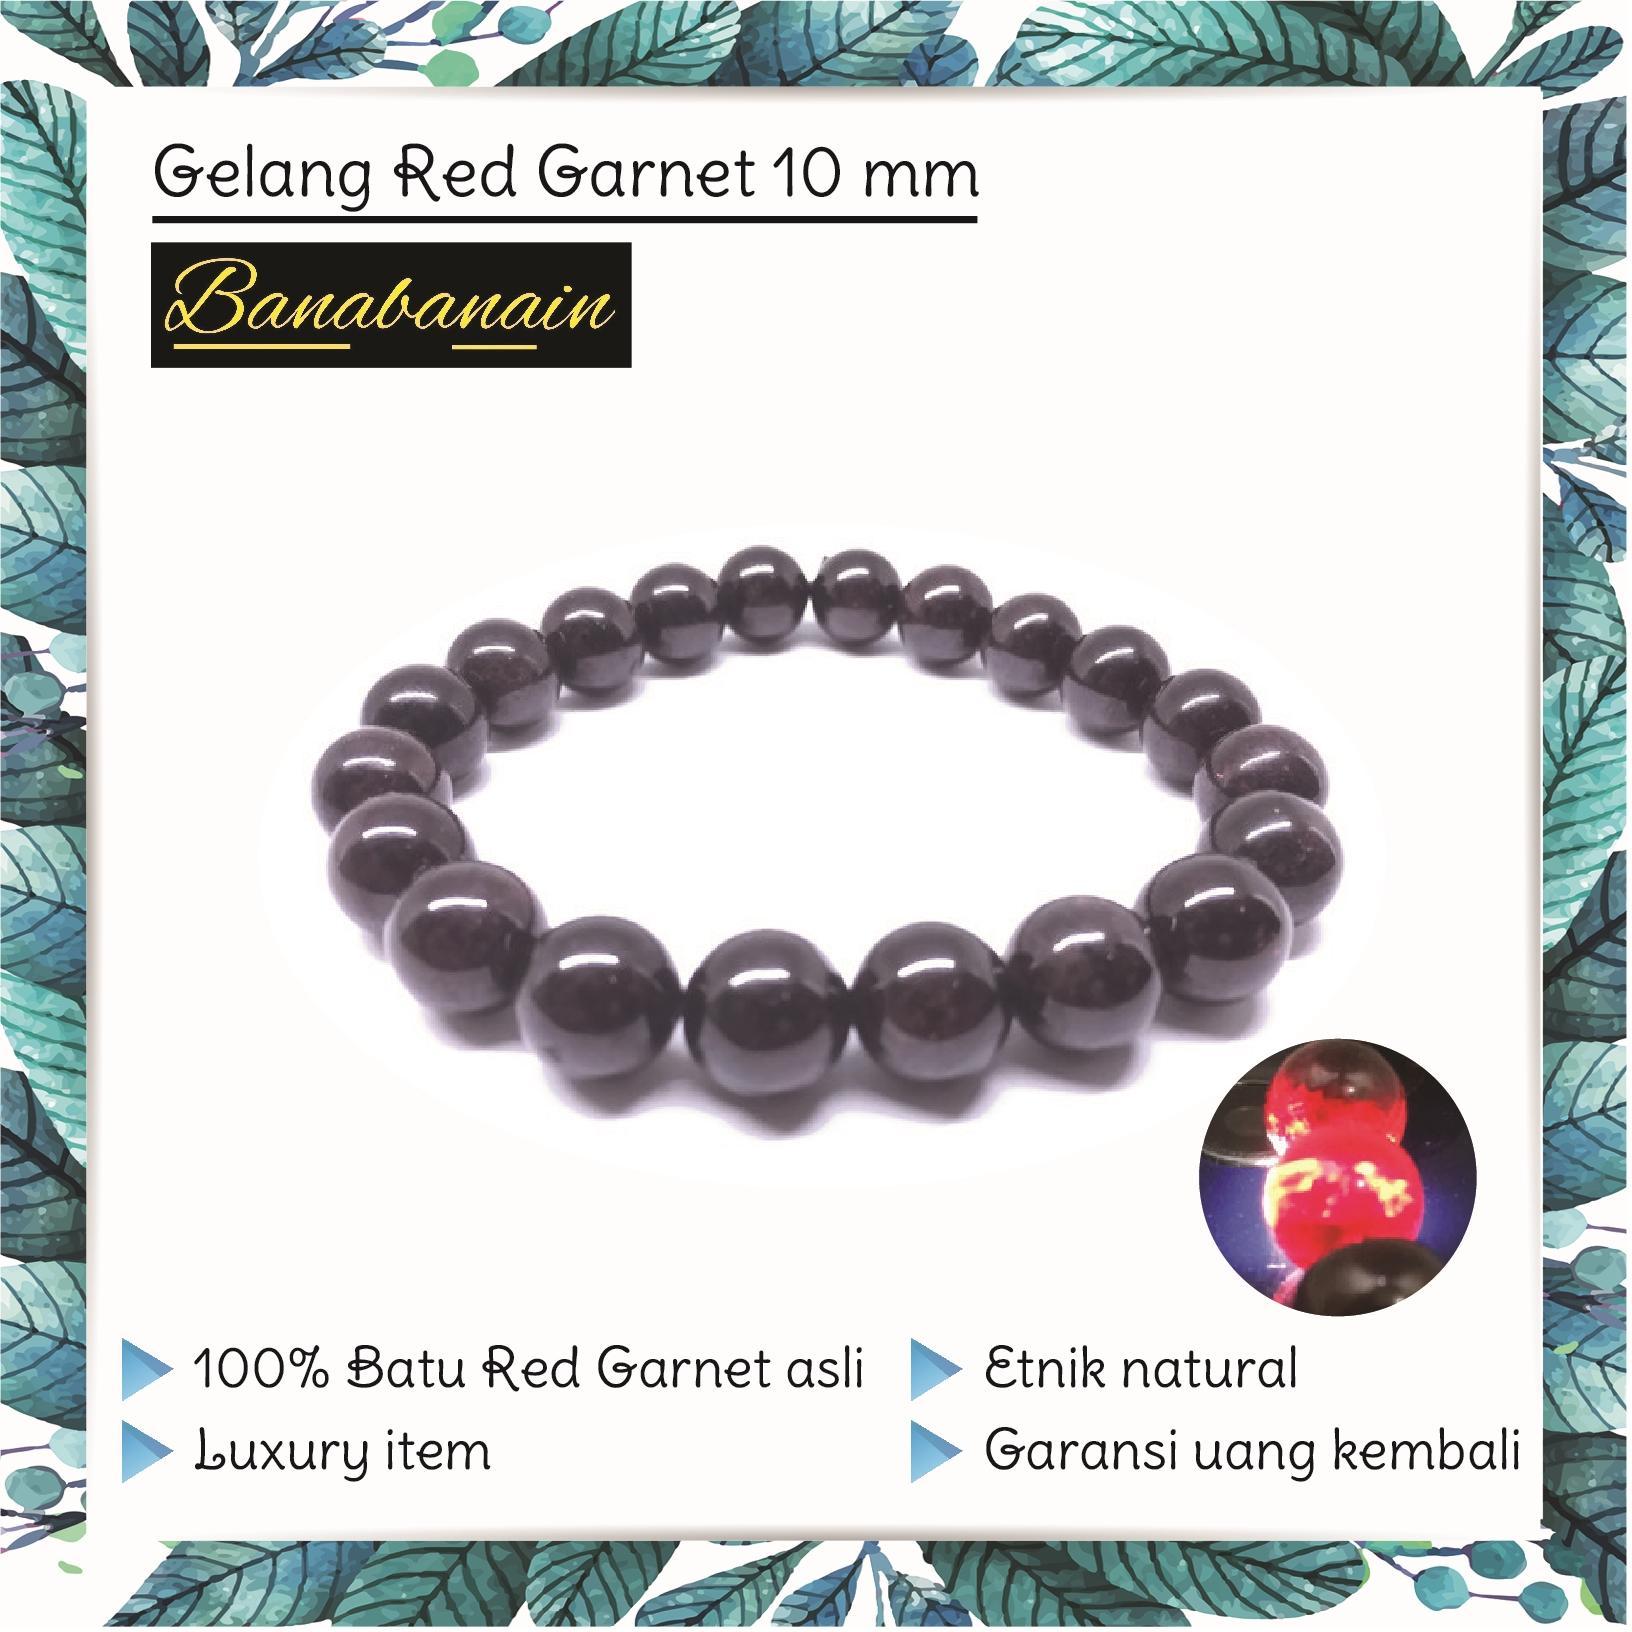 Gelang Batu Asli Cowok Cewek Red Garnet 10Mm Gelang Batu Akik Natural